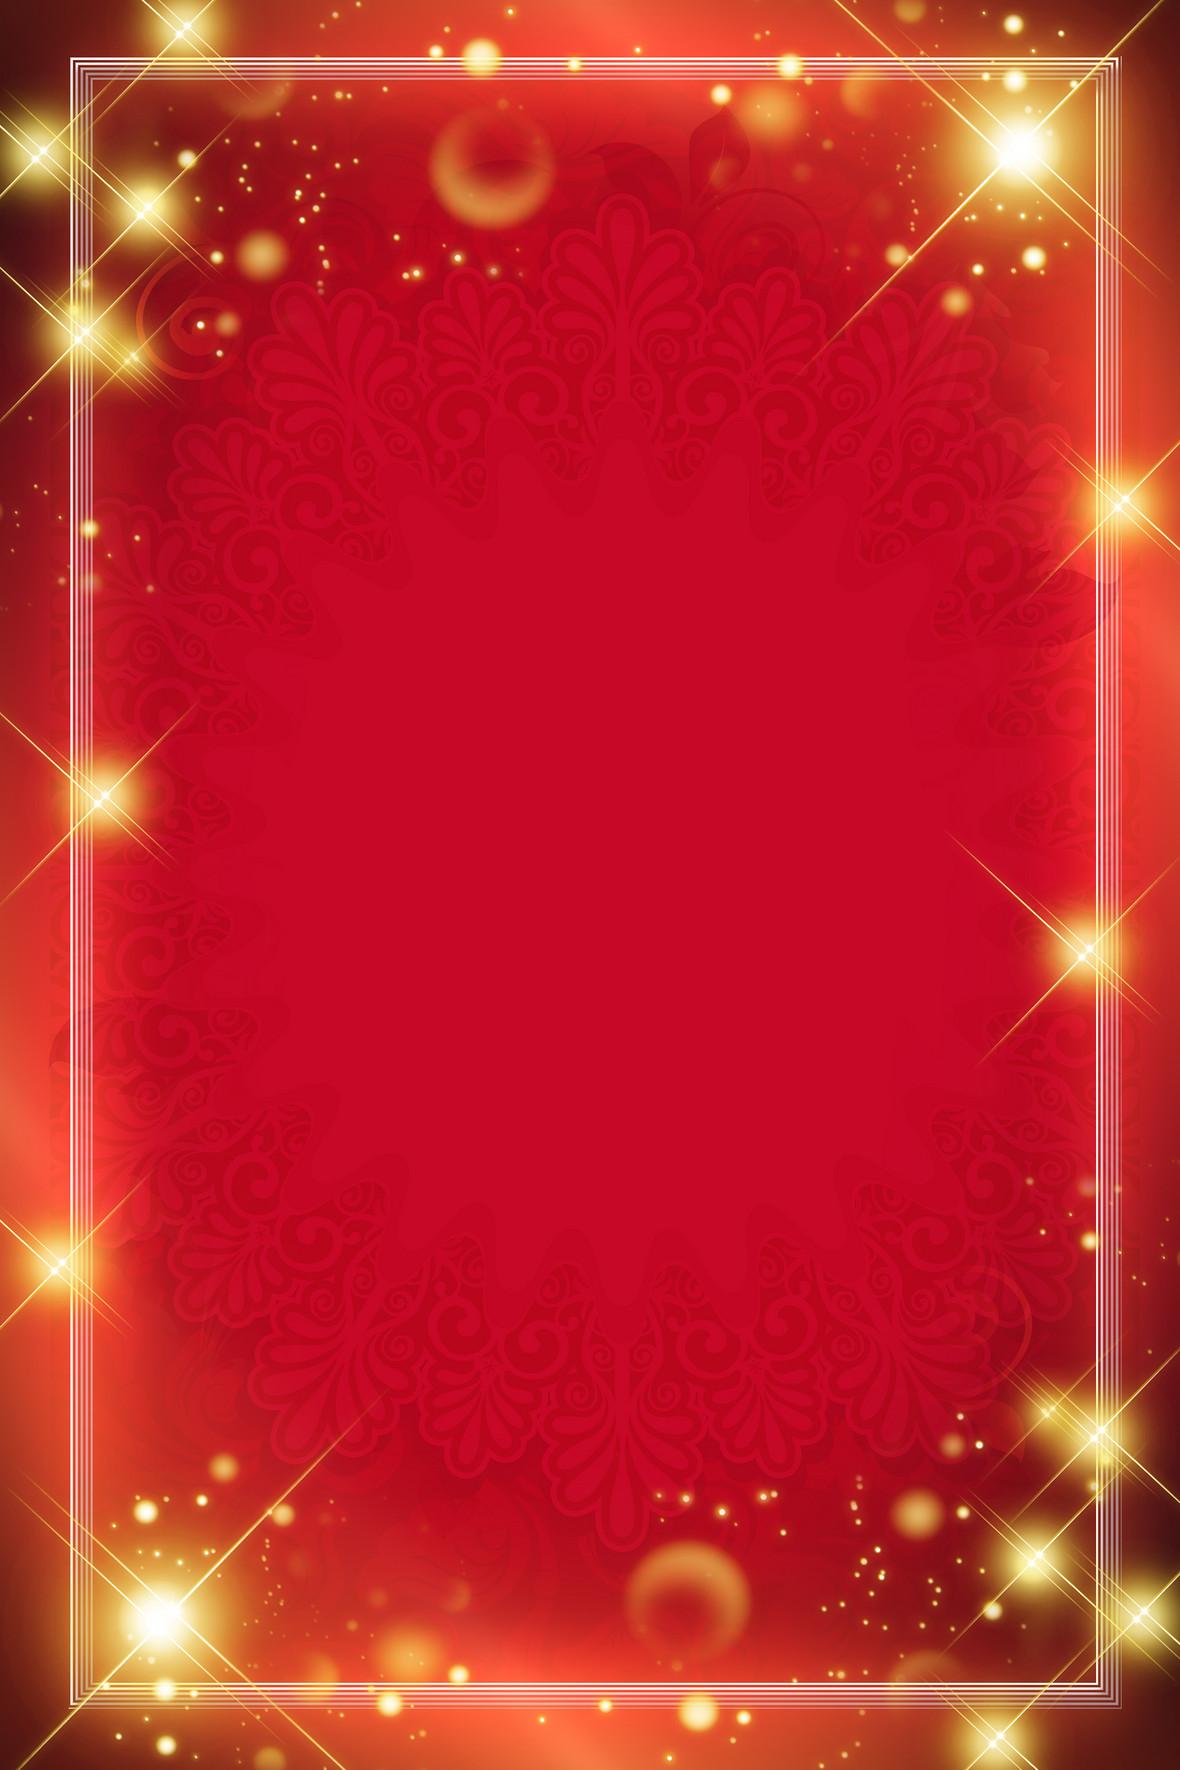 欧式商务花纹红色背景素材